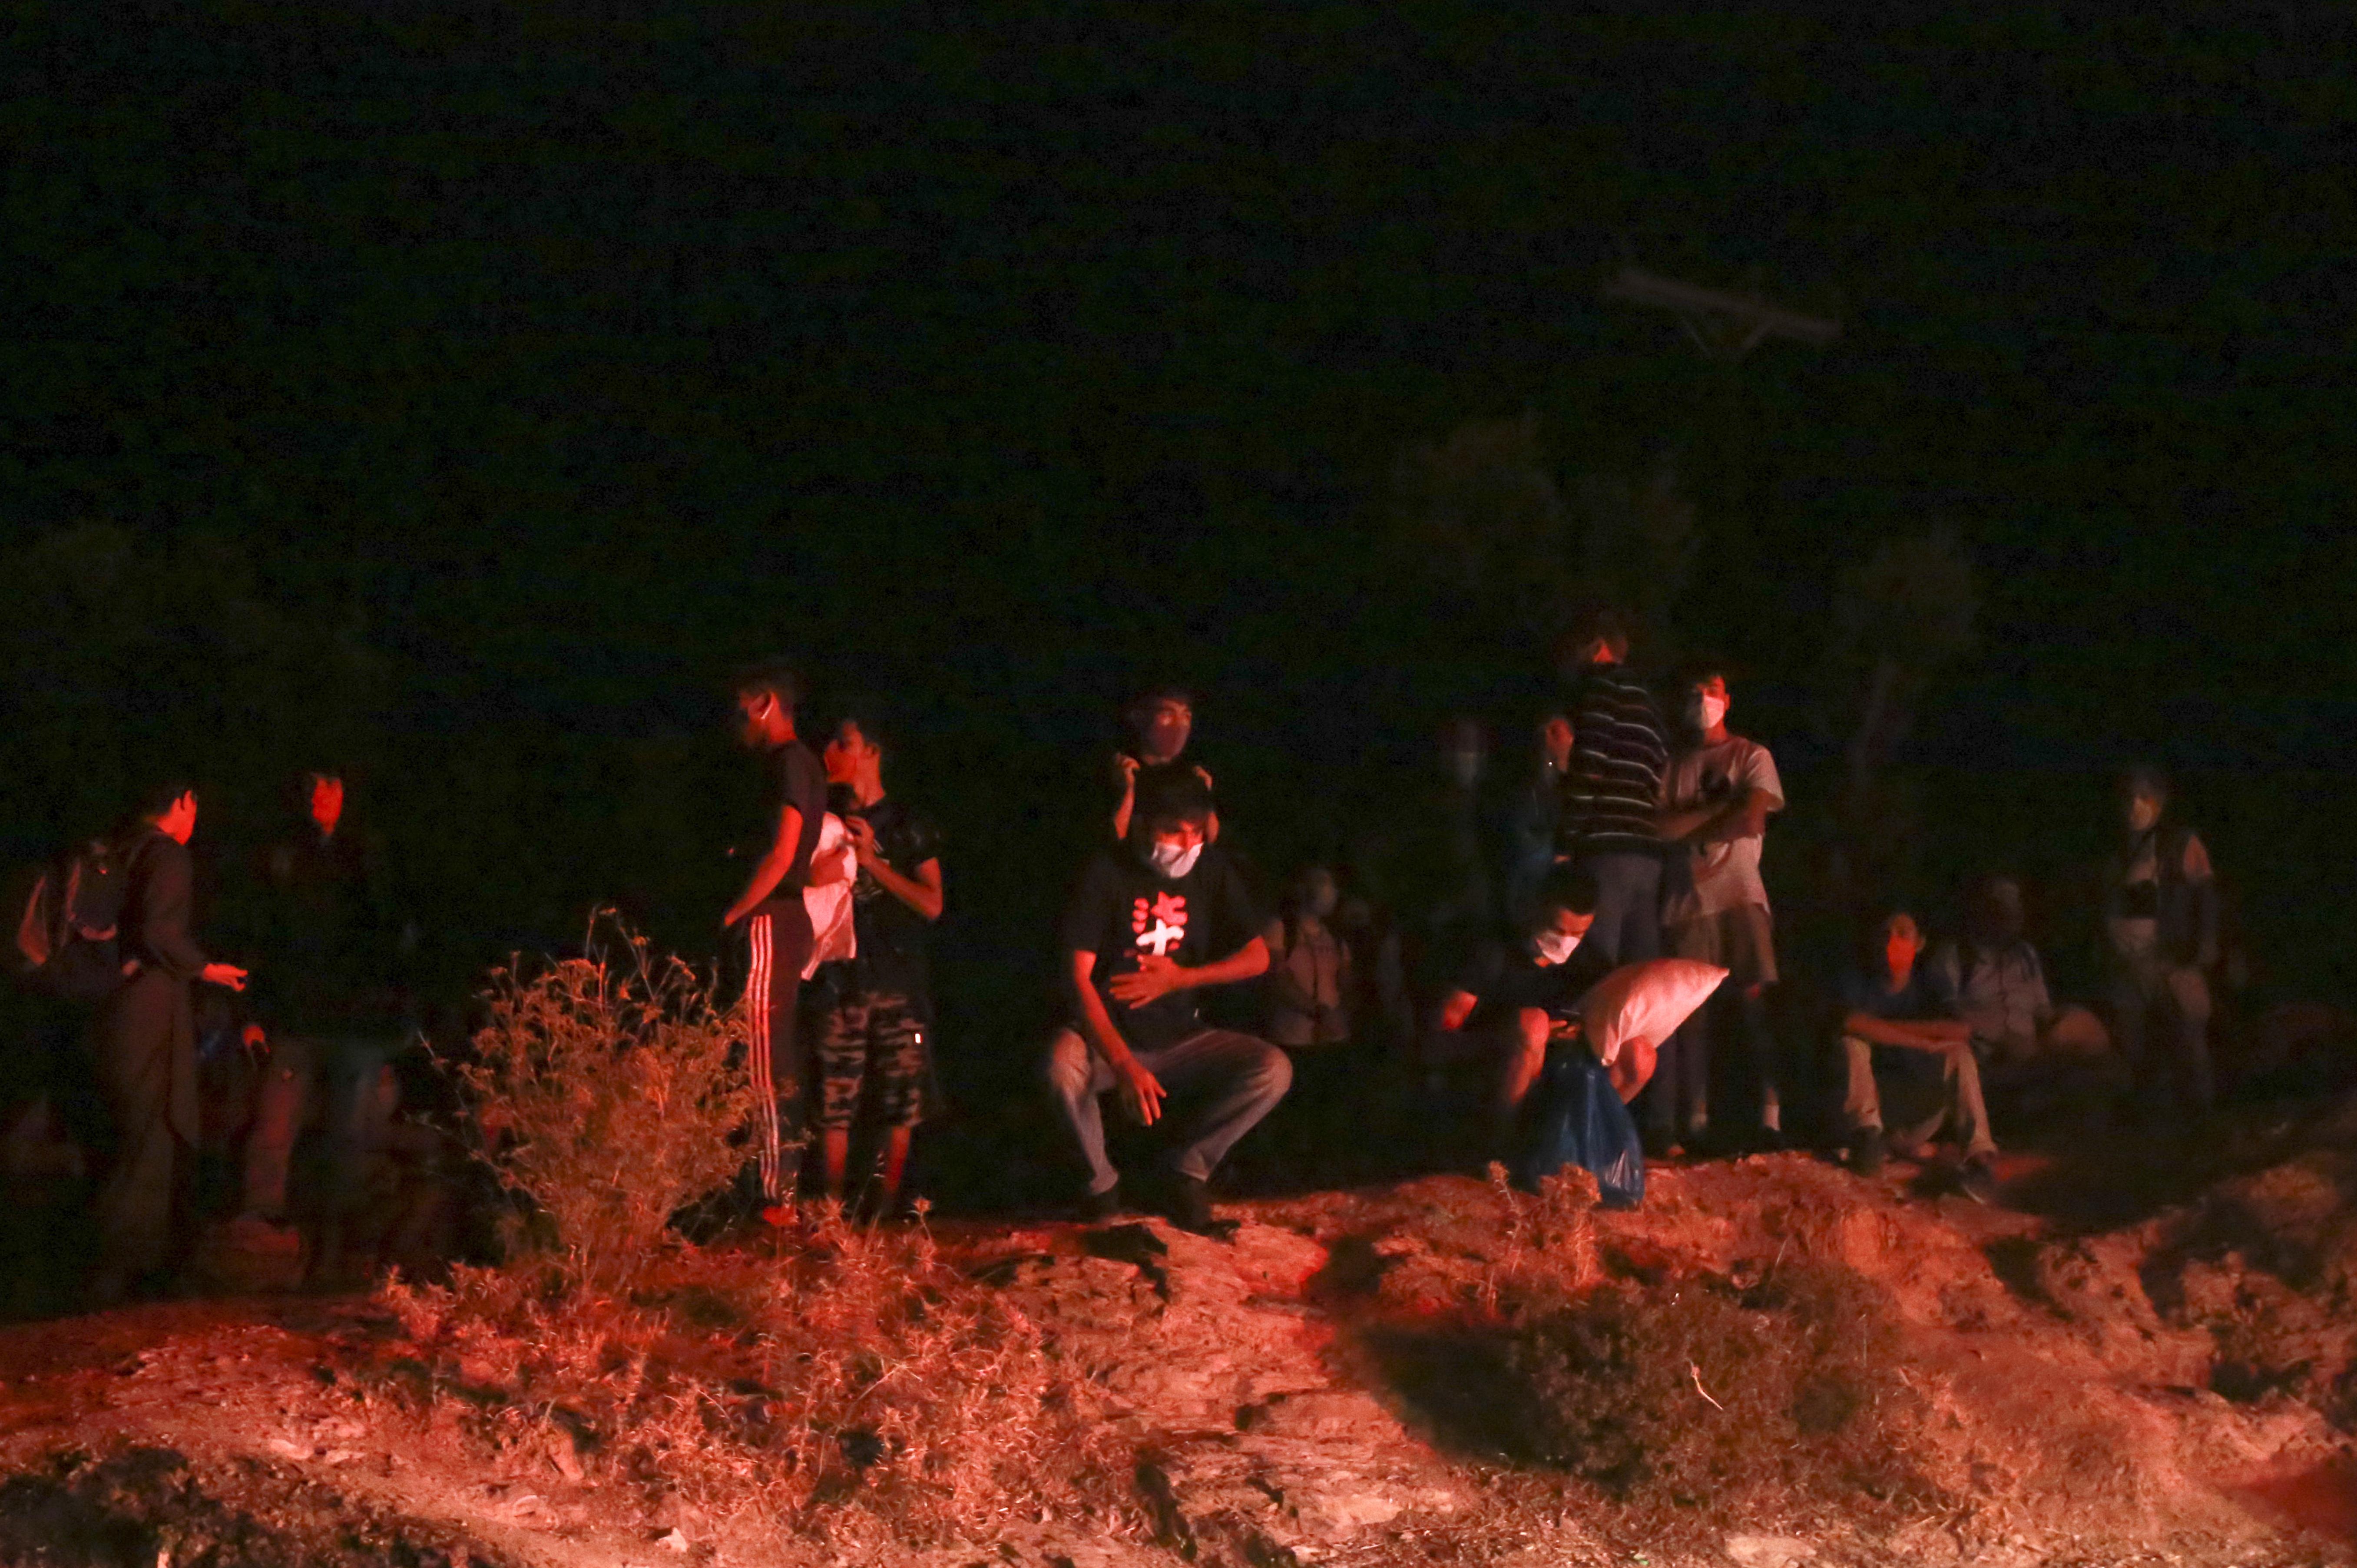 Az Európai Unió feladata, hogy segítsen a leégett leszboszi tábor menekültjein